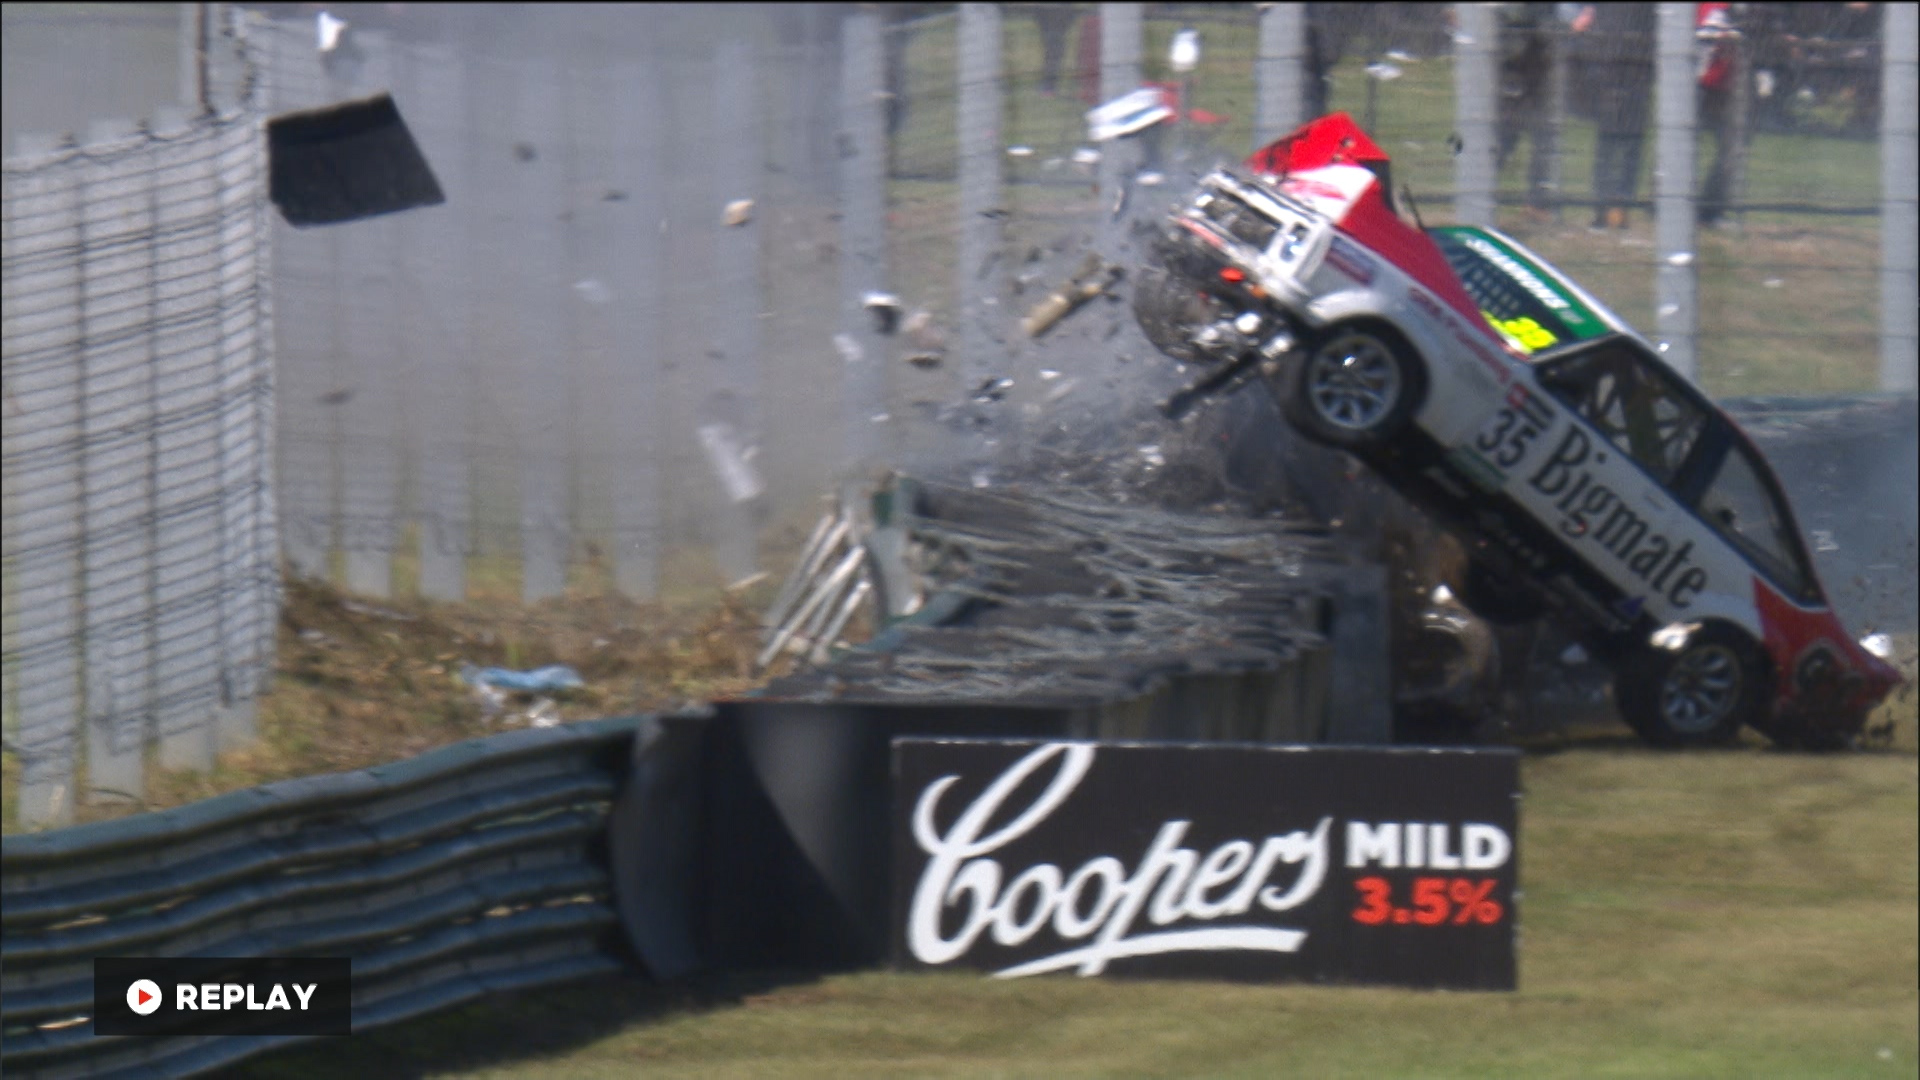 Major crash for TCM Torana | Supercars